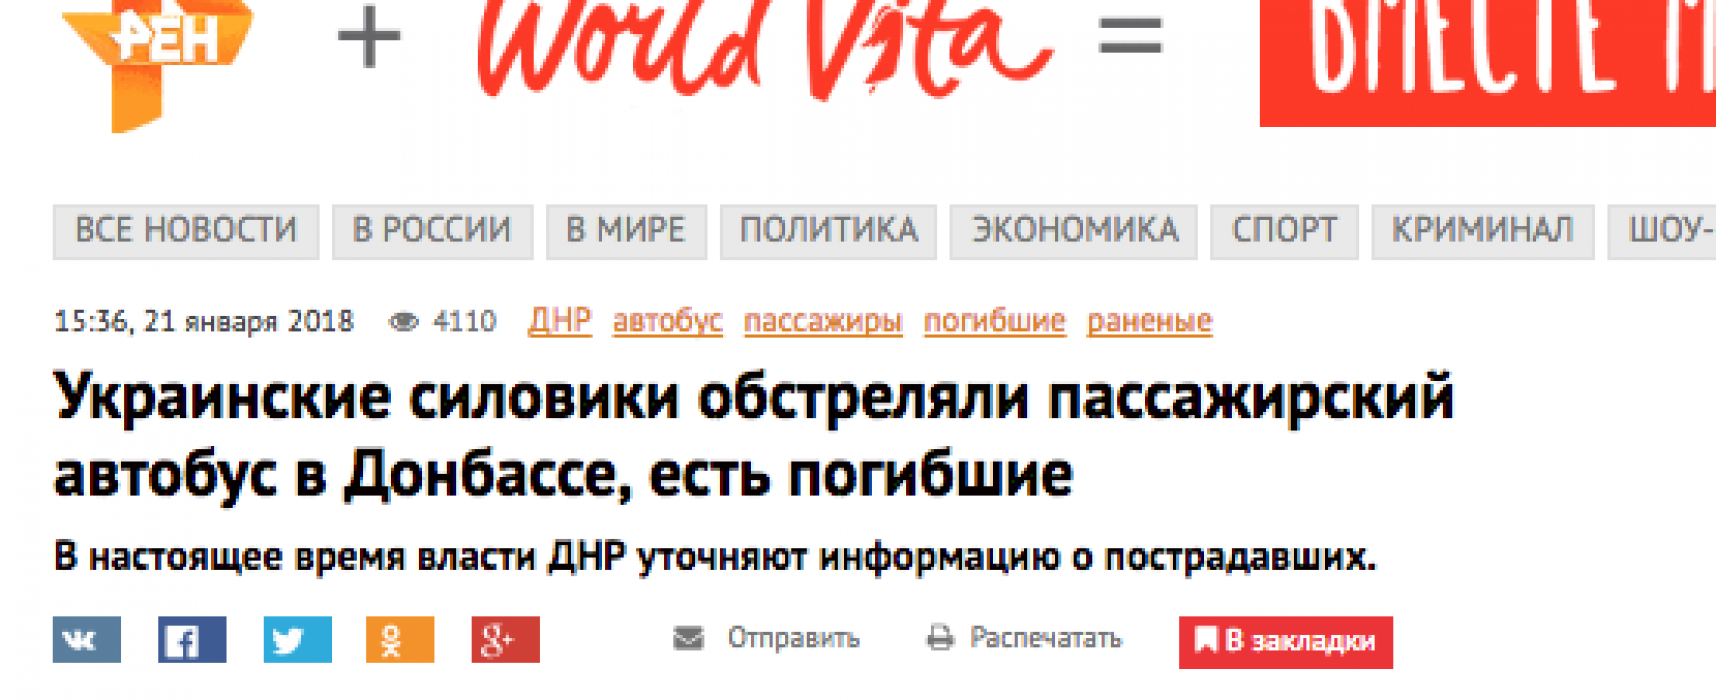 Фейк: Украинские военные обстреляли пассажирский автобус на Донбассе